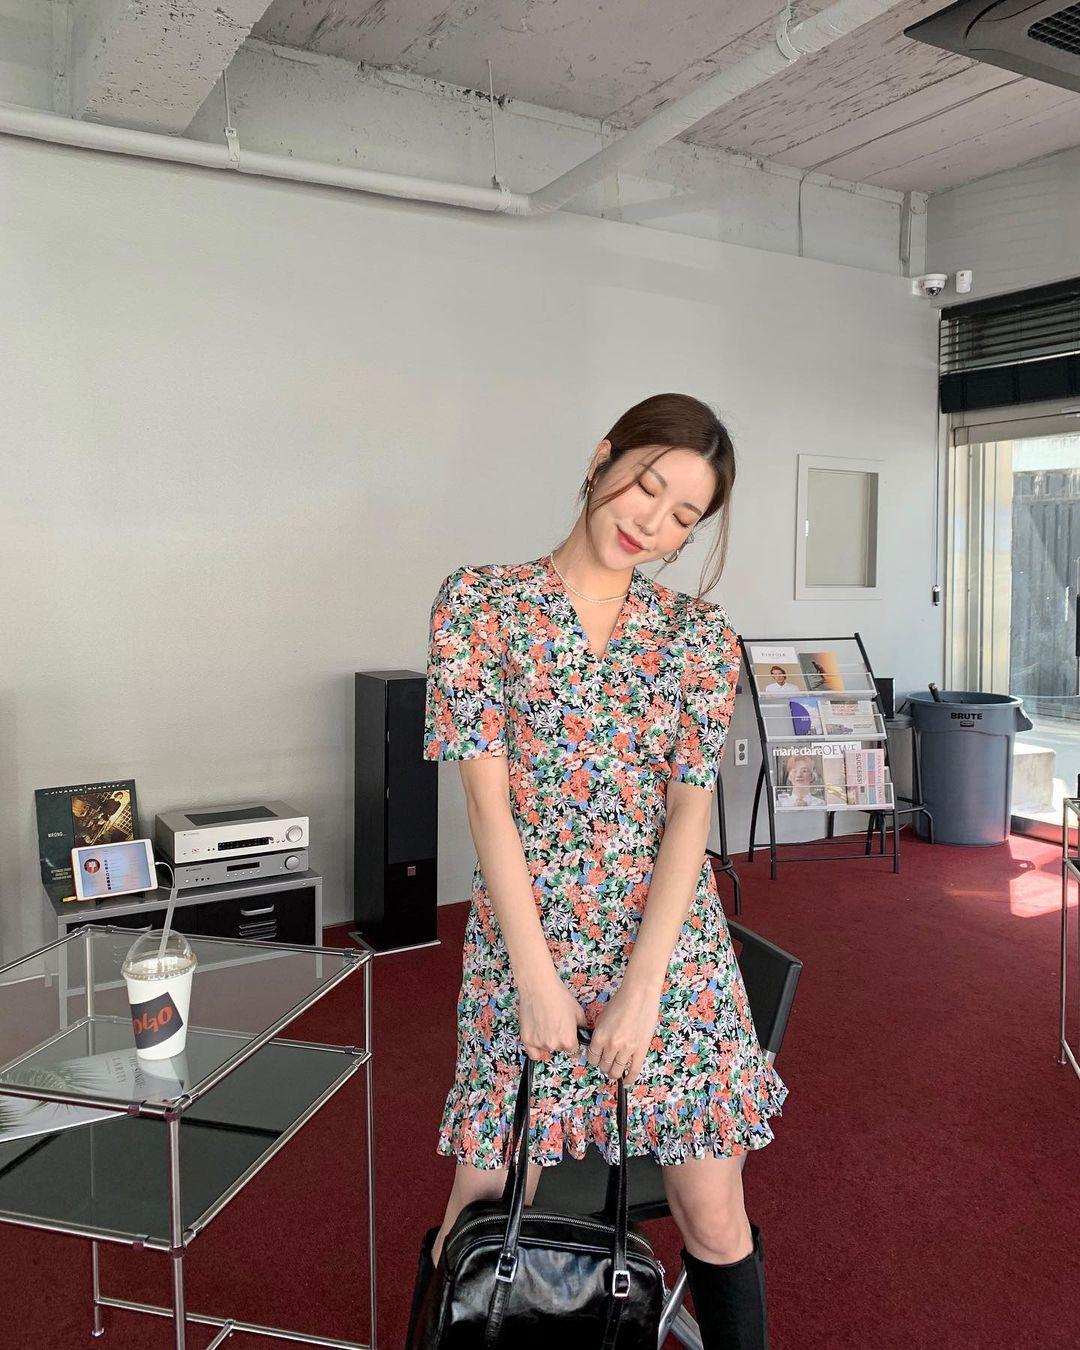 3 mẫu váy trẻ trung và ăn ảnh hơn cả váy trắng, ngắm là muốn 'hốt' trọn về nhà - Ảnh 10